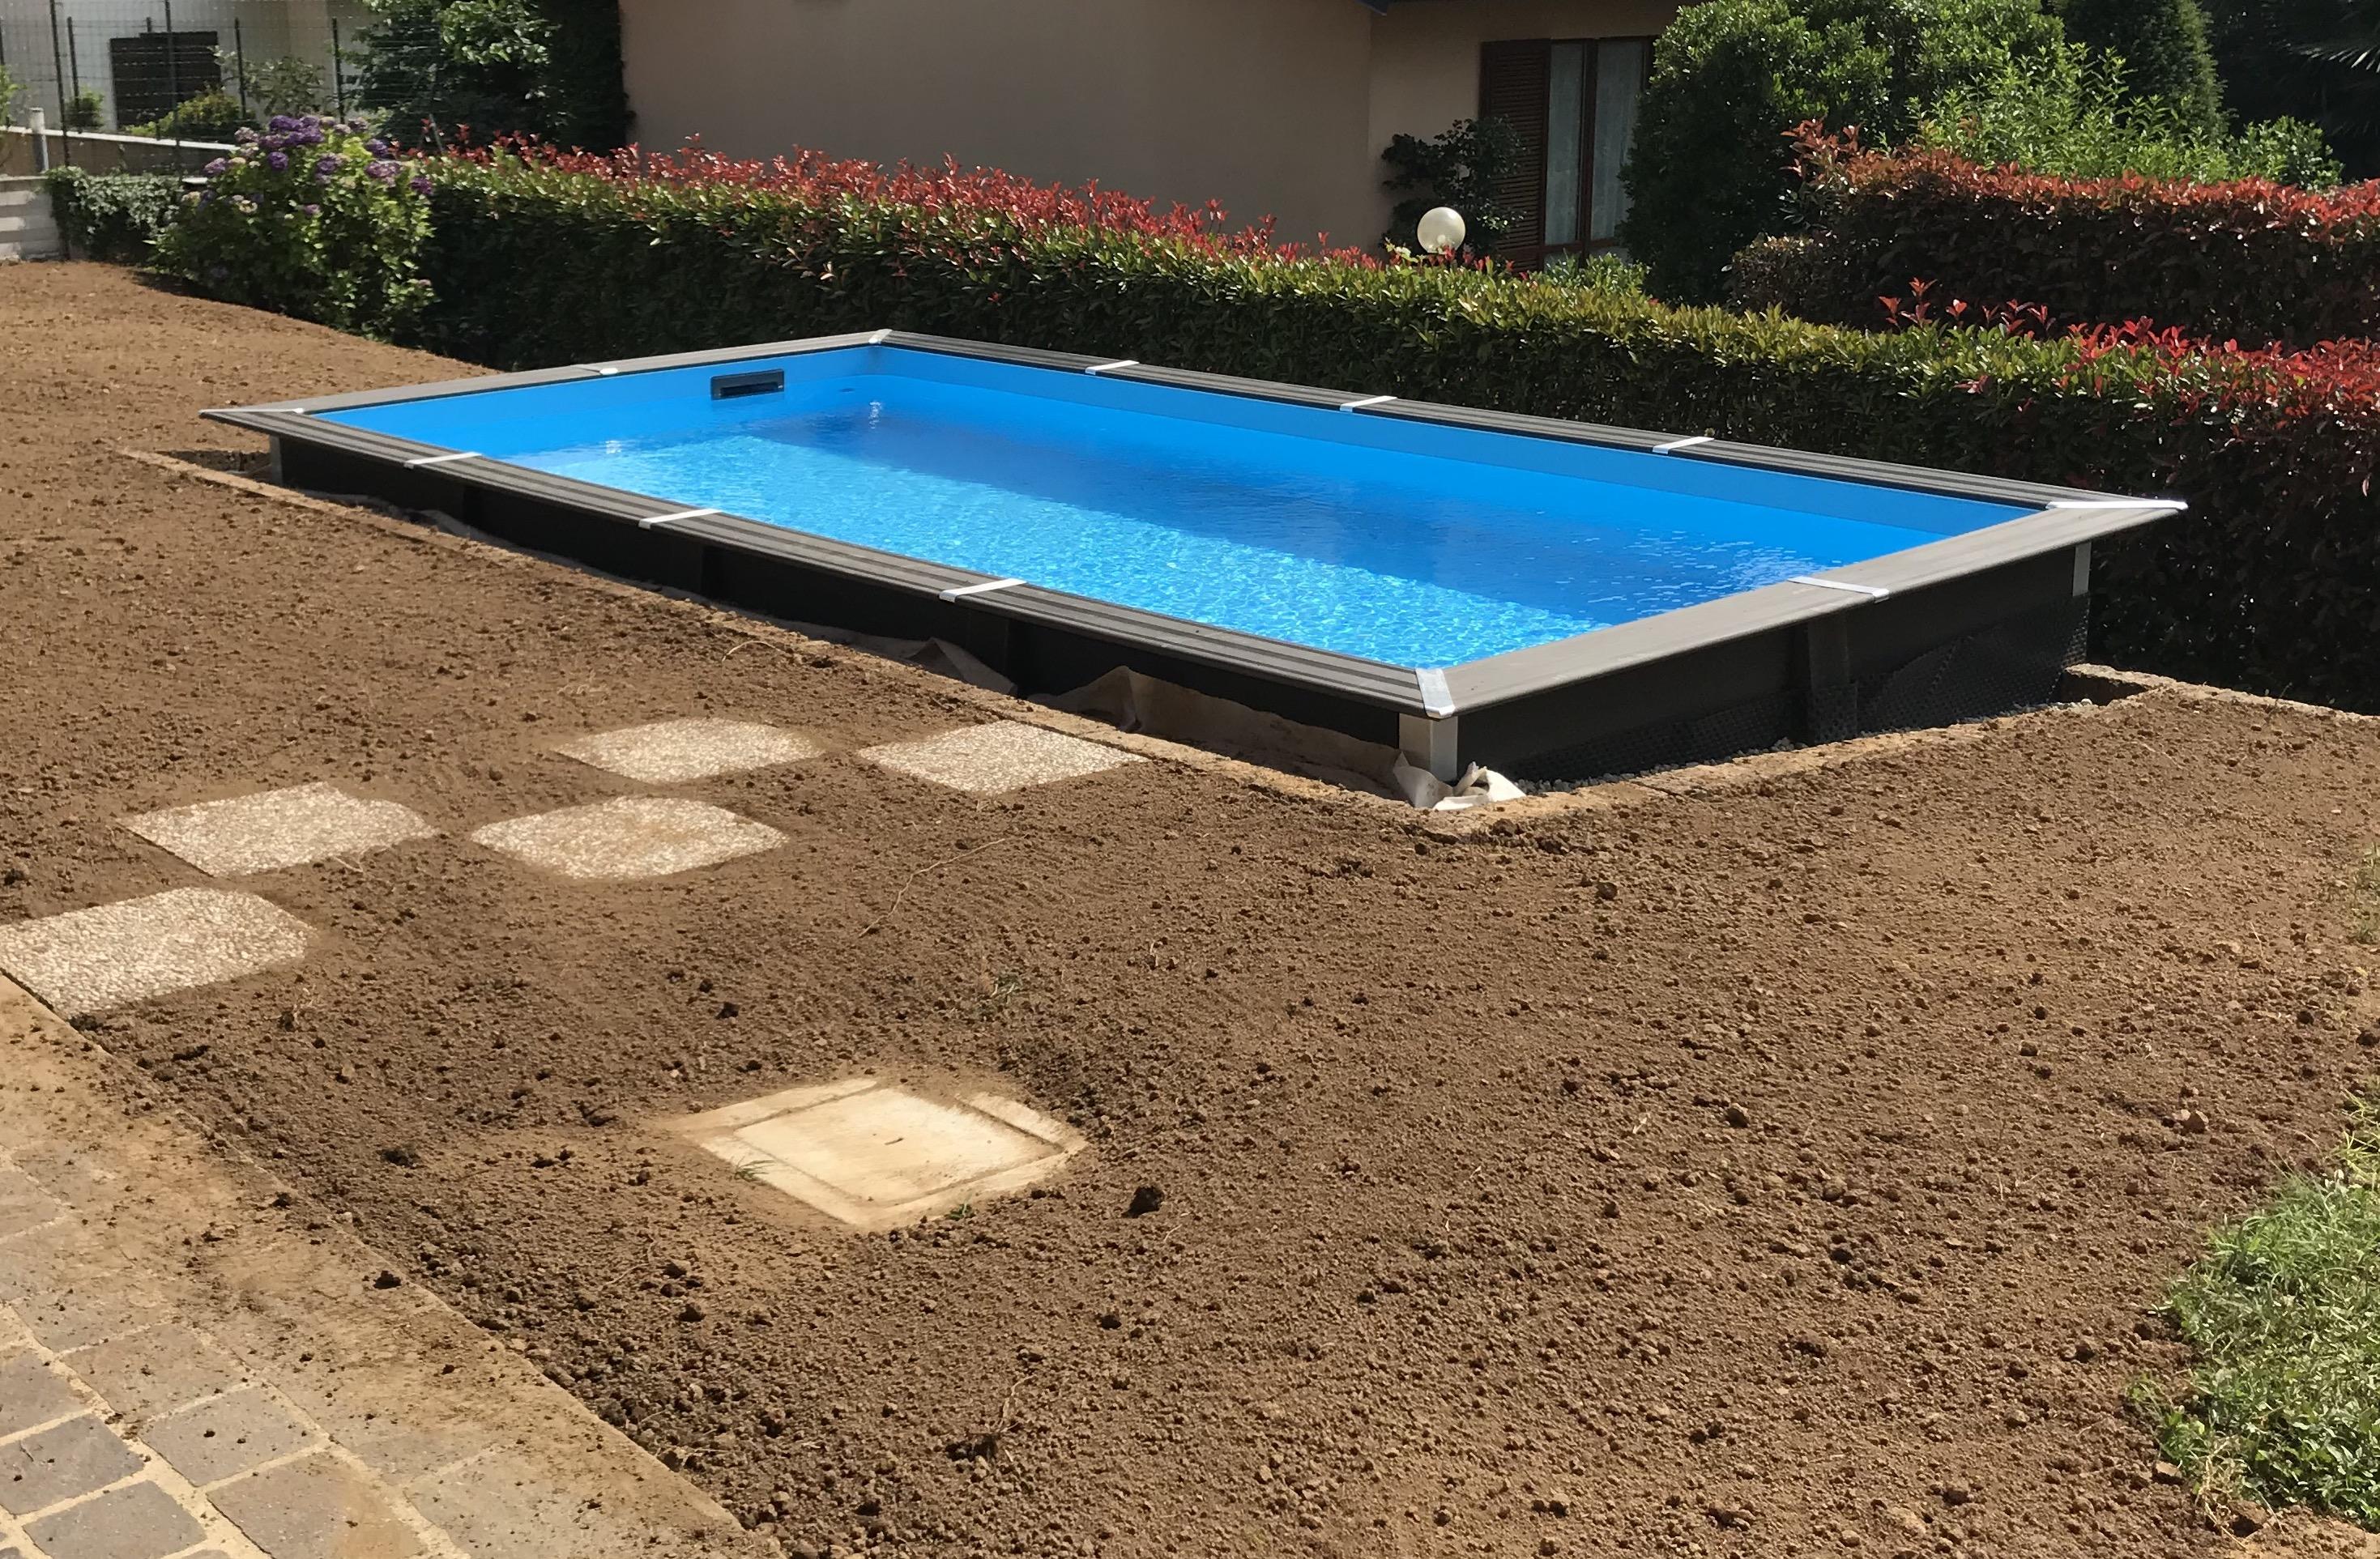 Piscina Da Esterno Fuori Terra piscina fuoriterra avantgarde rettangolare 606 x 326 cm - gre